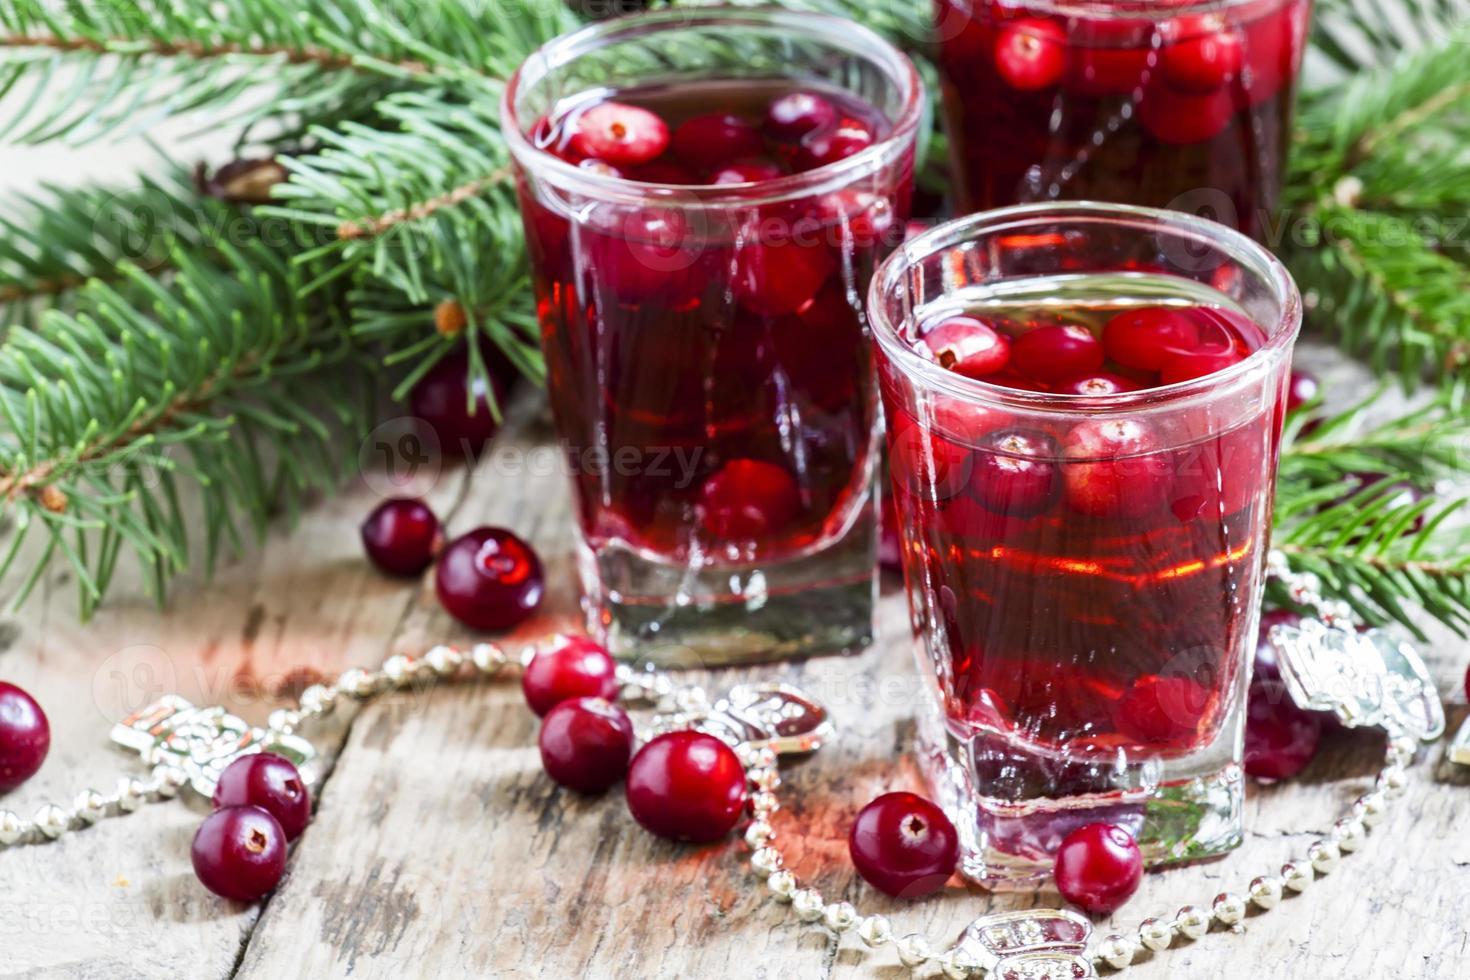 Cranberry-Getränk auf Weihnachtshintergrund foto